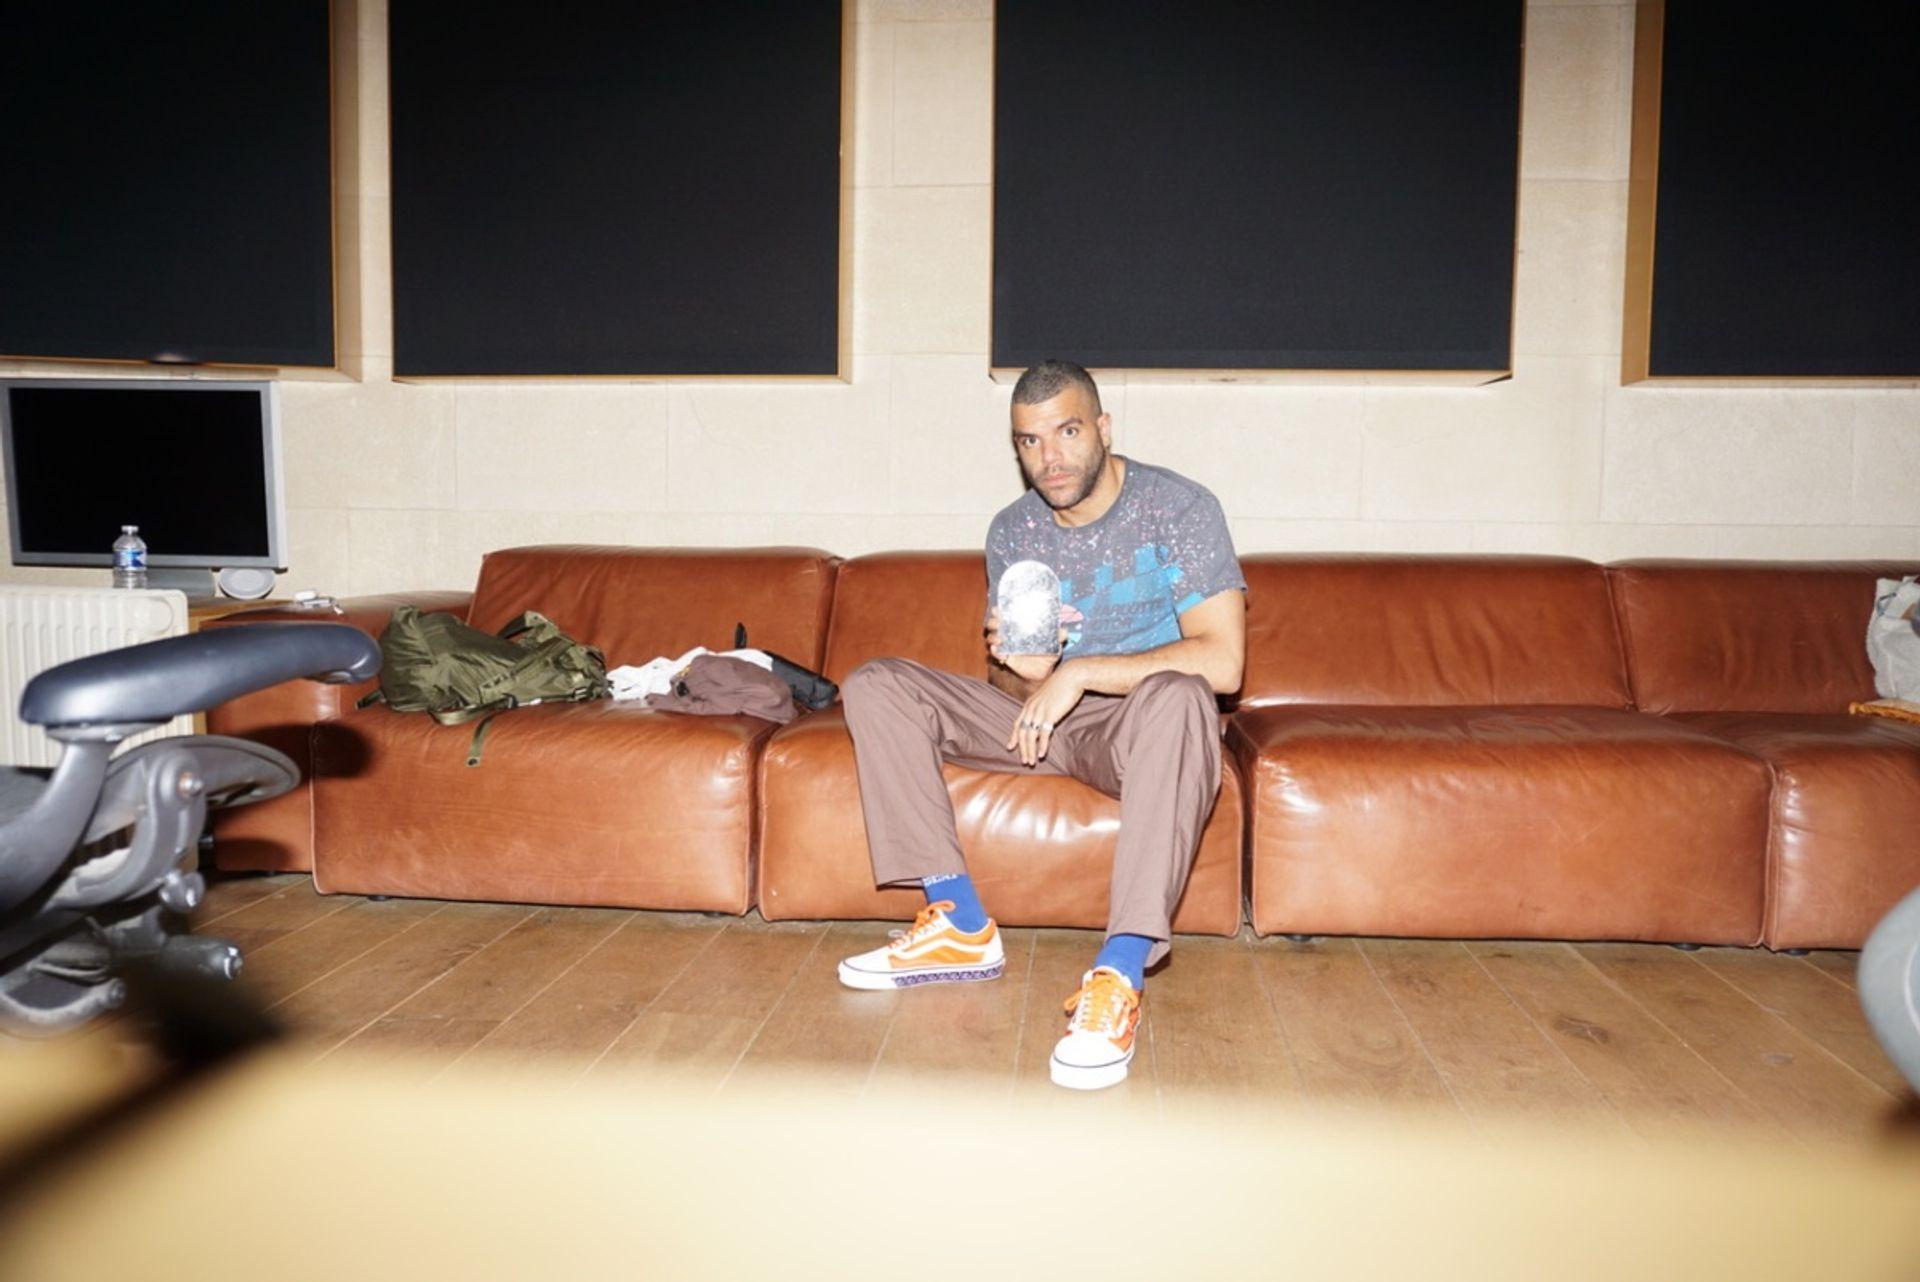 Sef over zijn nieuwe album El Salvador: 'Dit ga ik nooit meer vergeten'